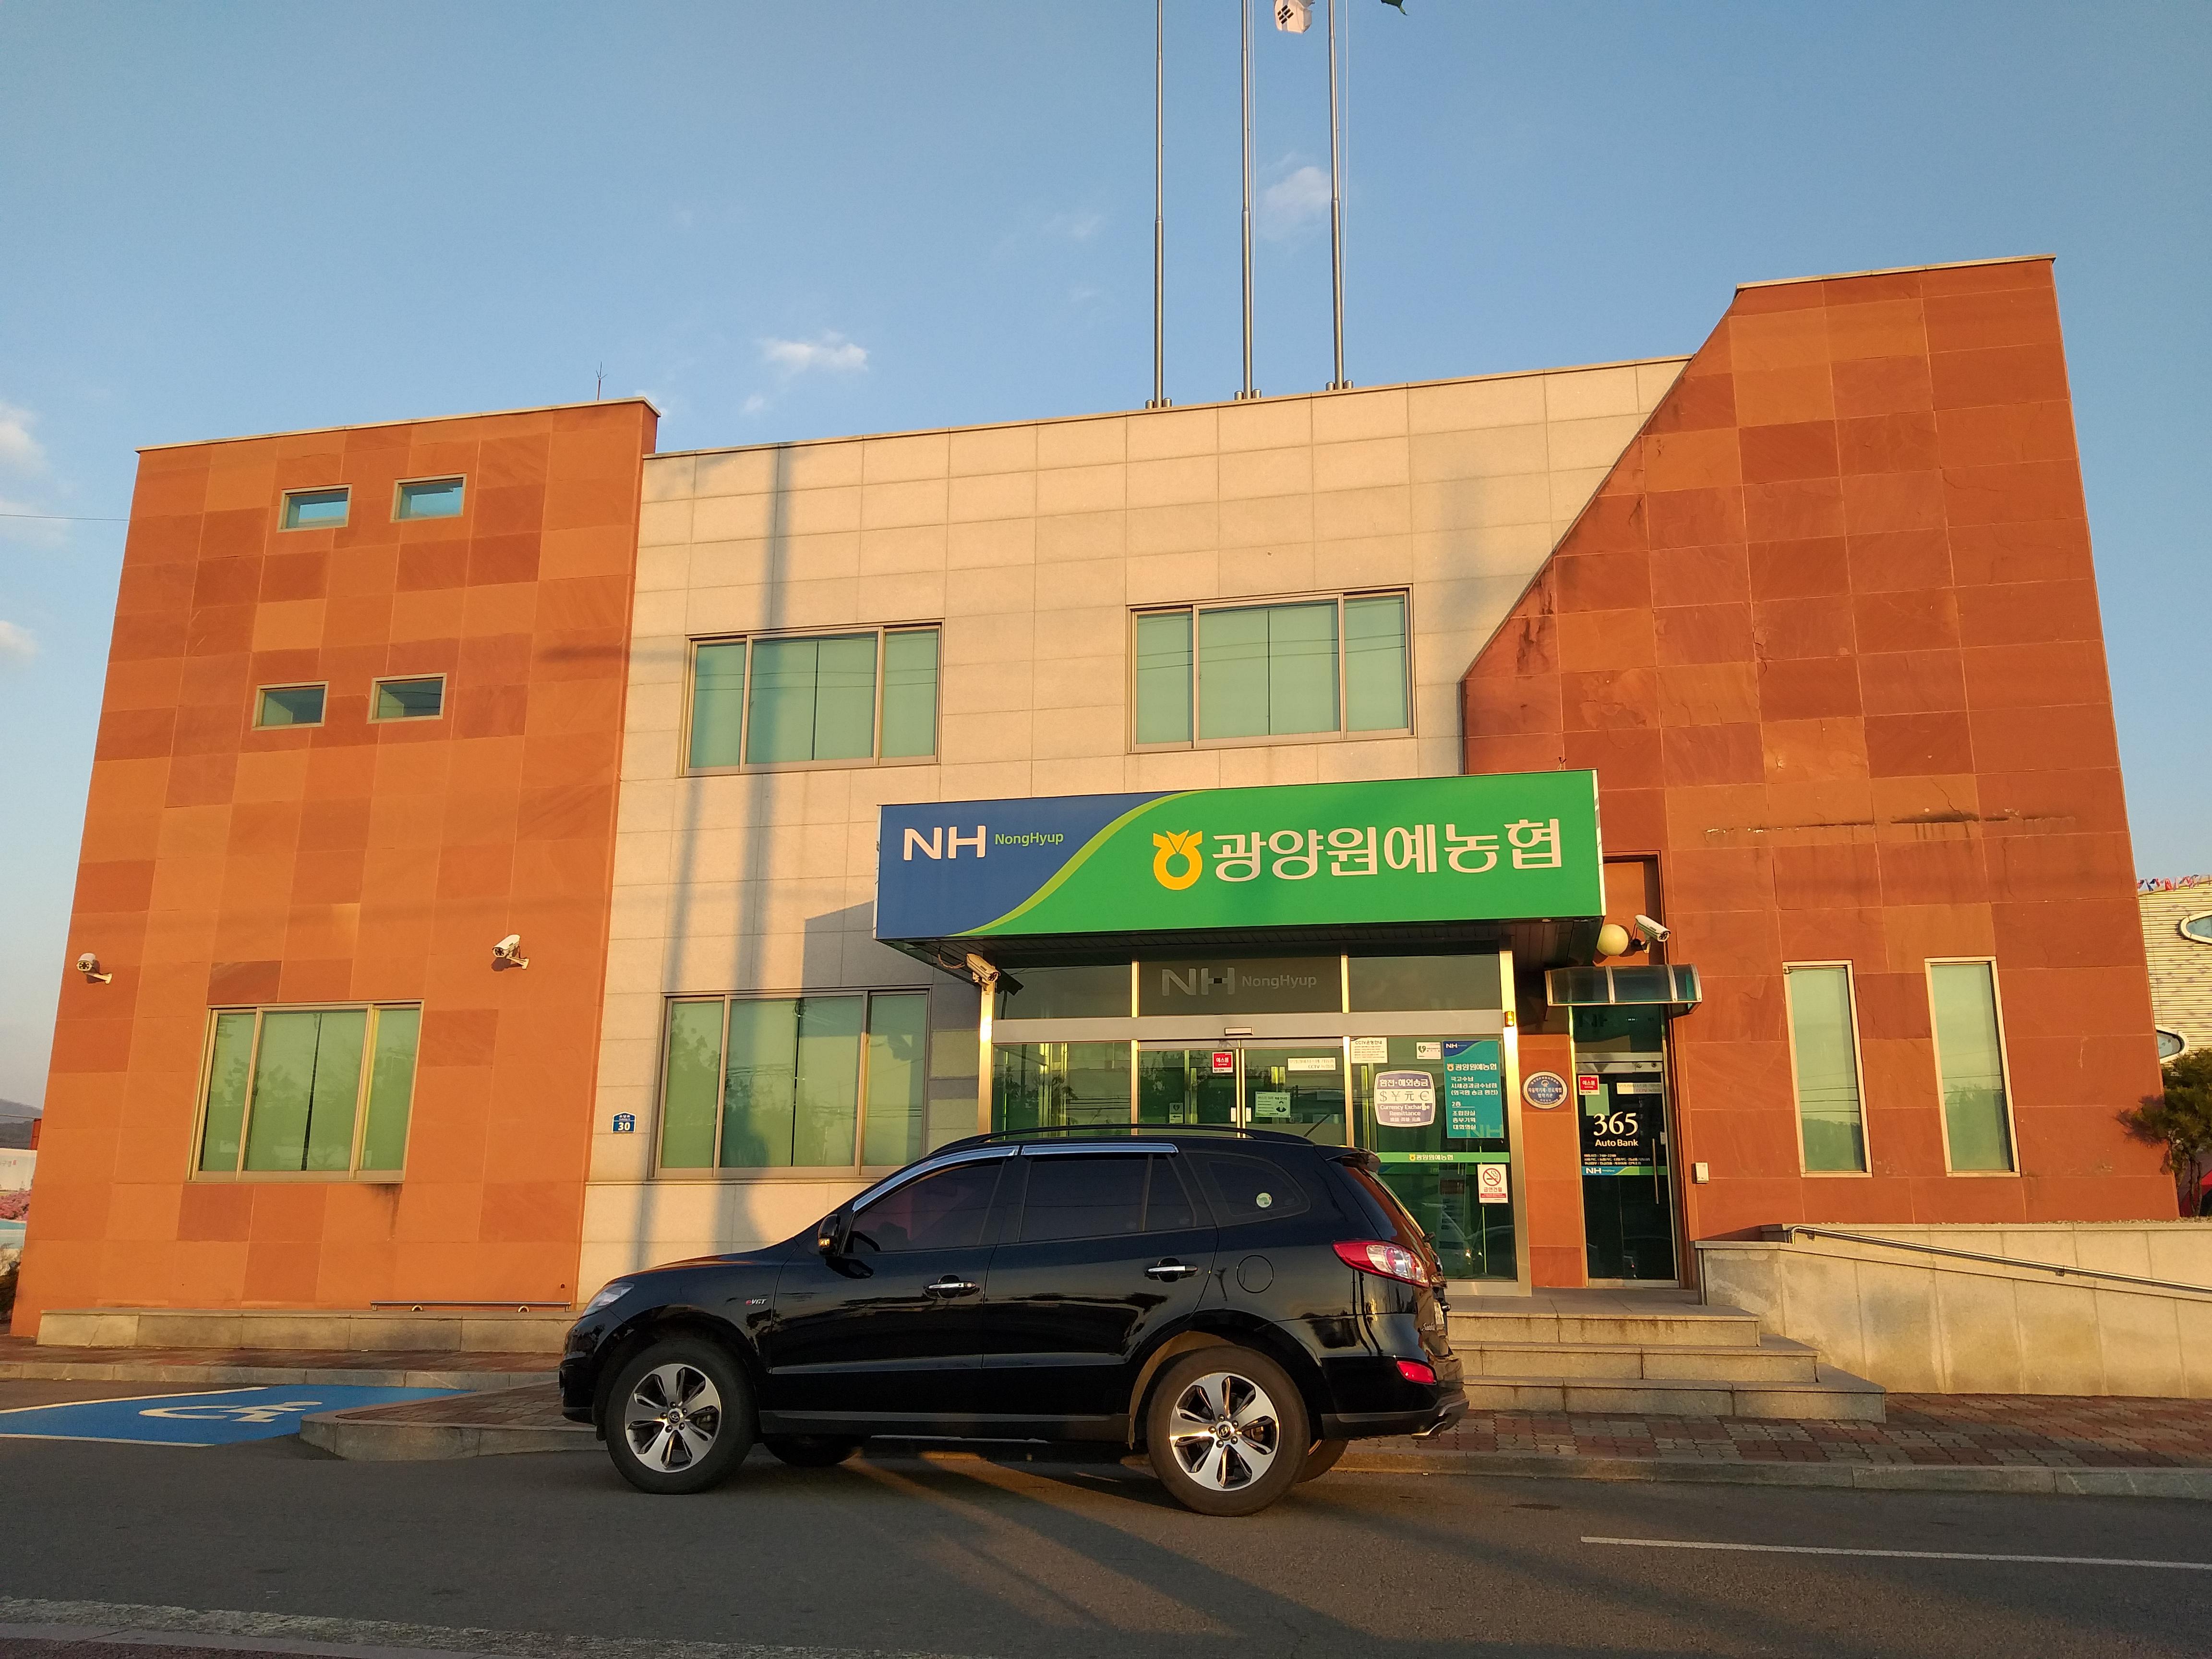 광양원협, 상임이사해임(안)으로 내홍 심화